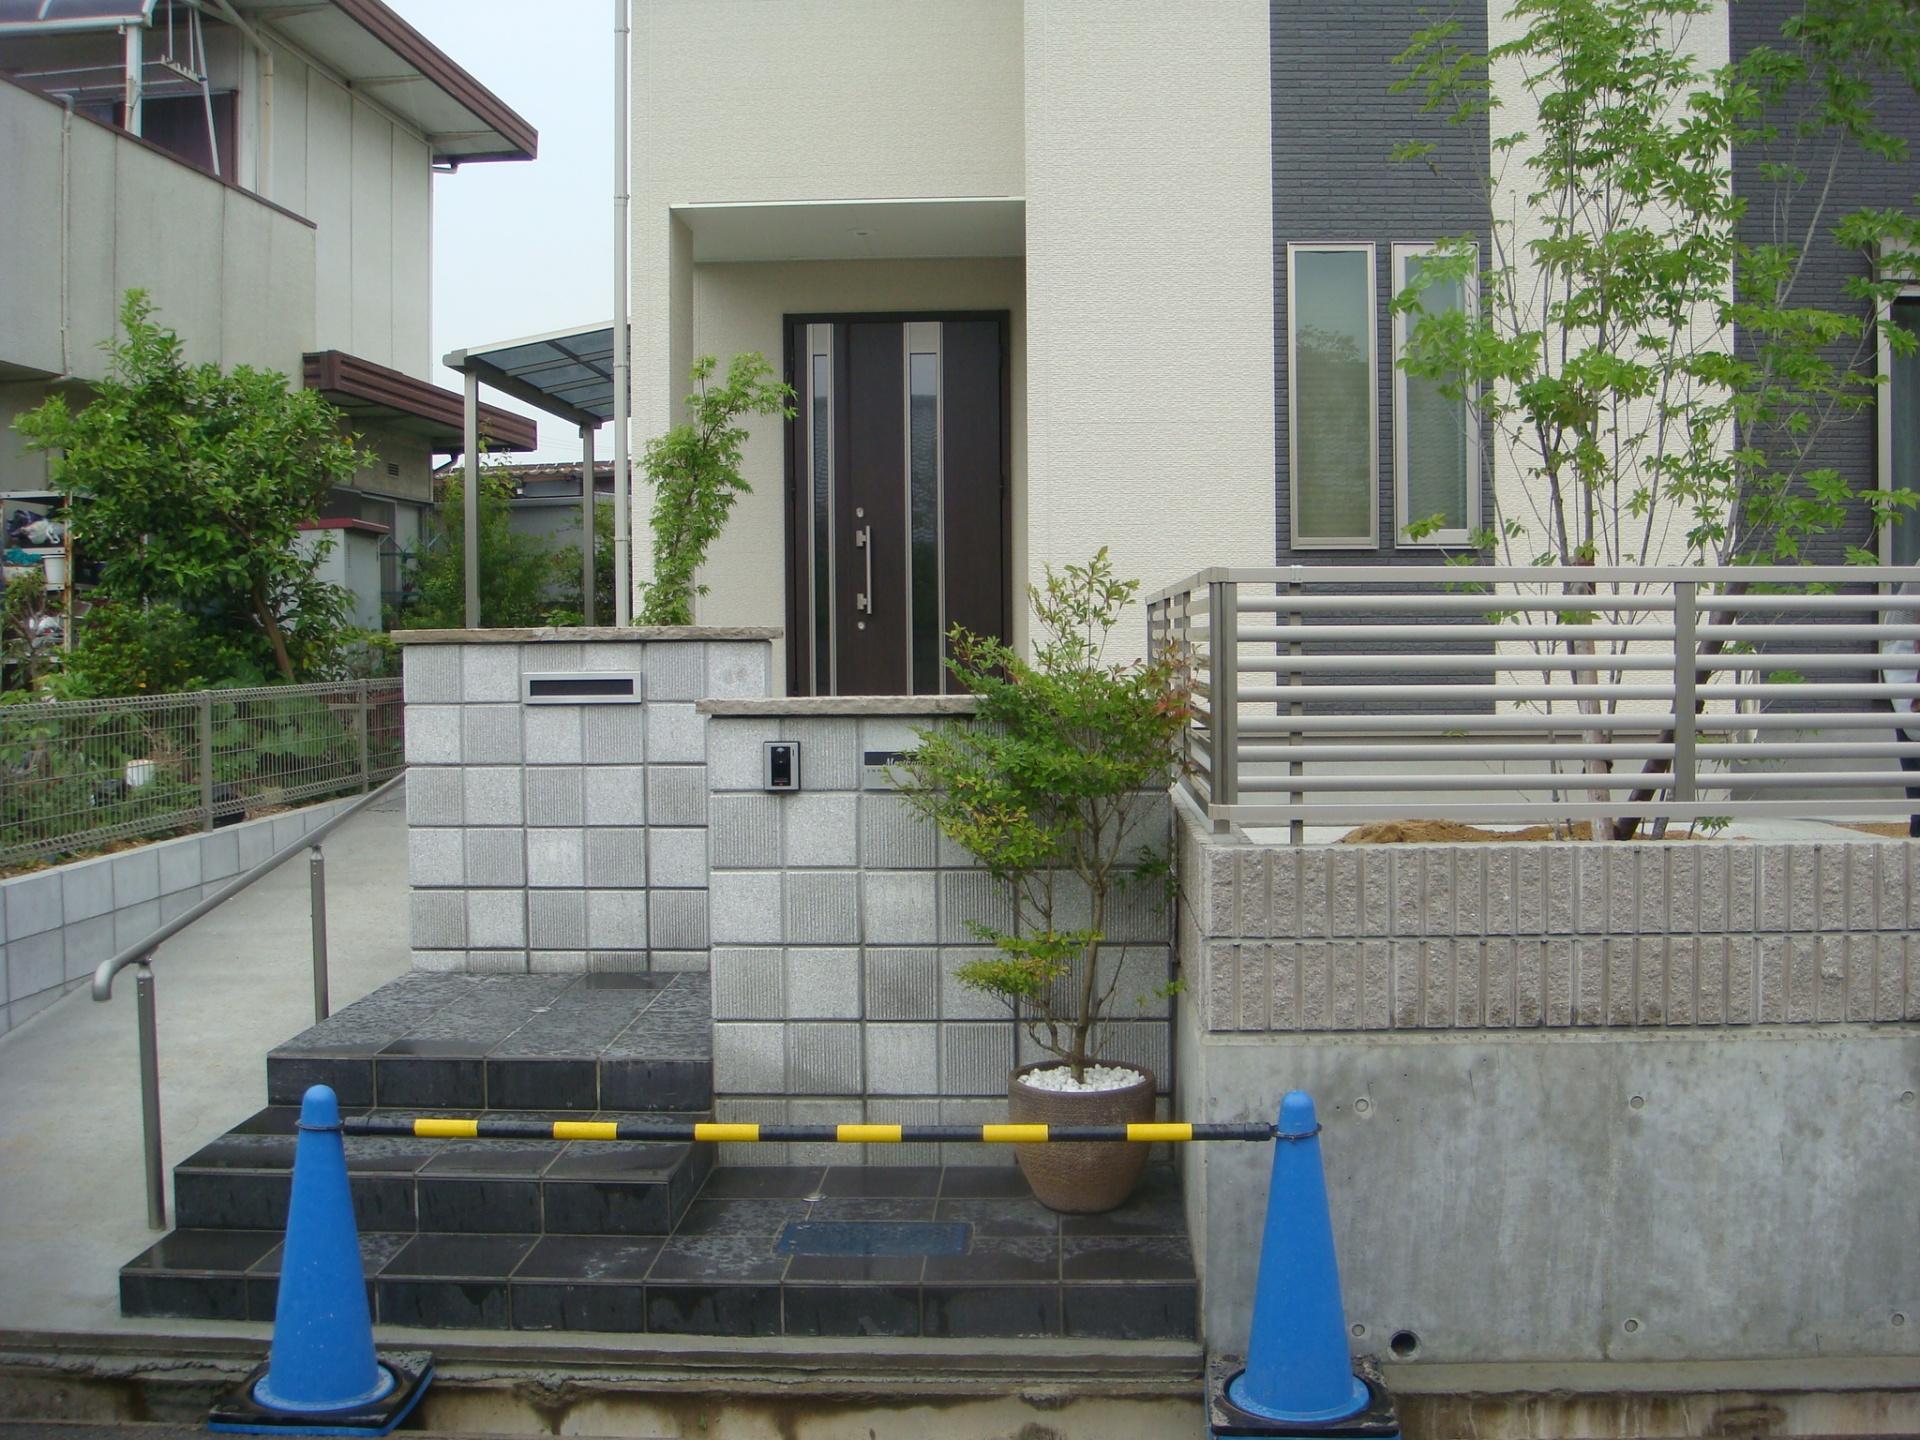 化粧ブロックを使った門柱デザイン